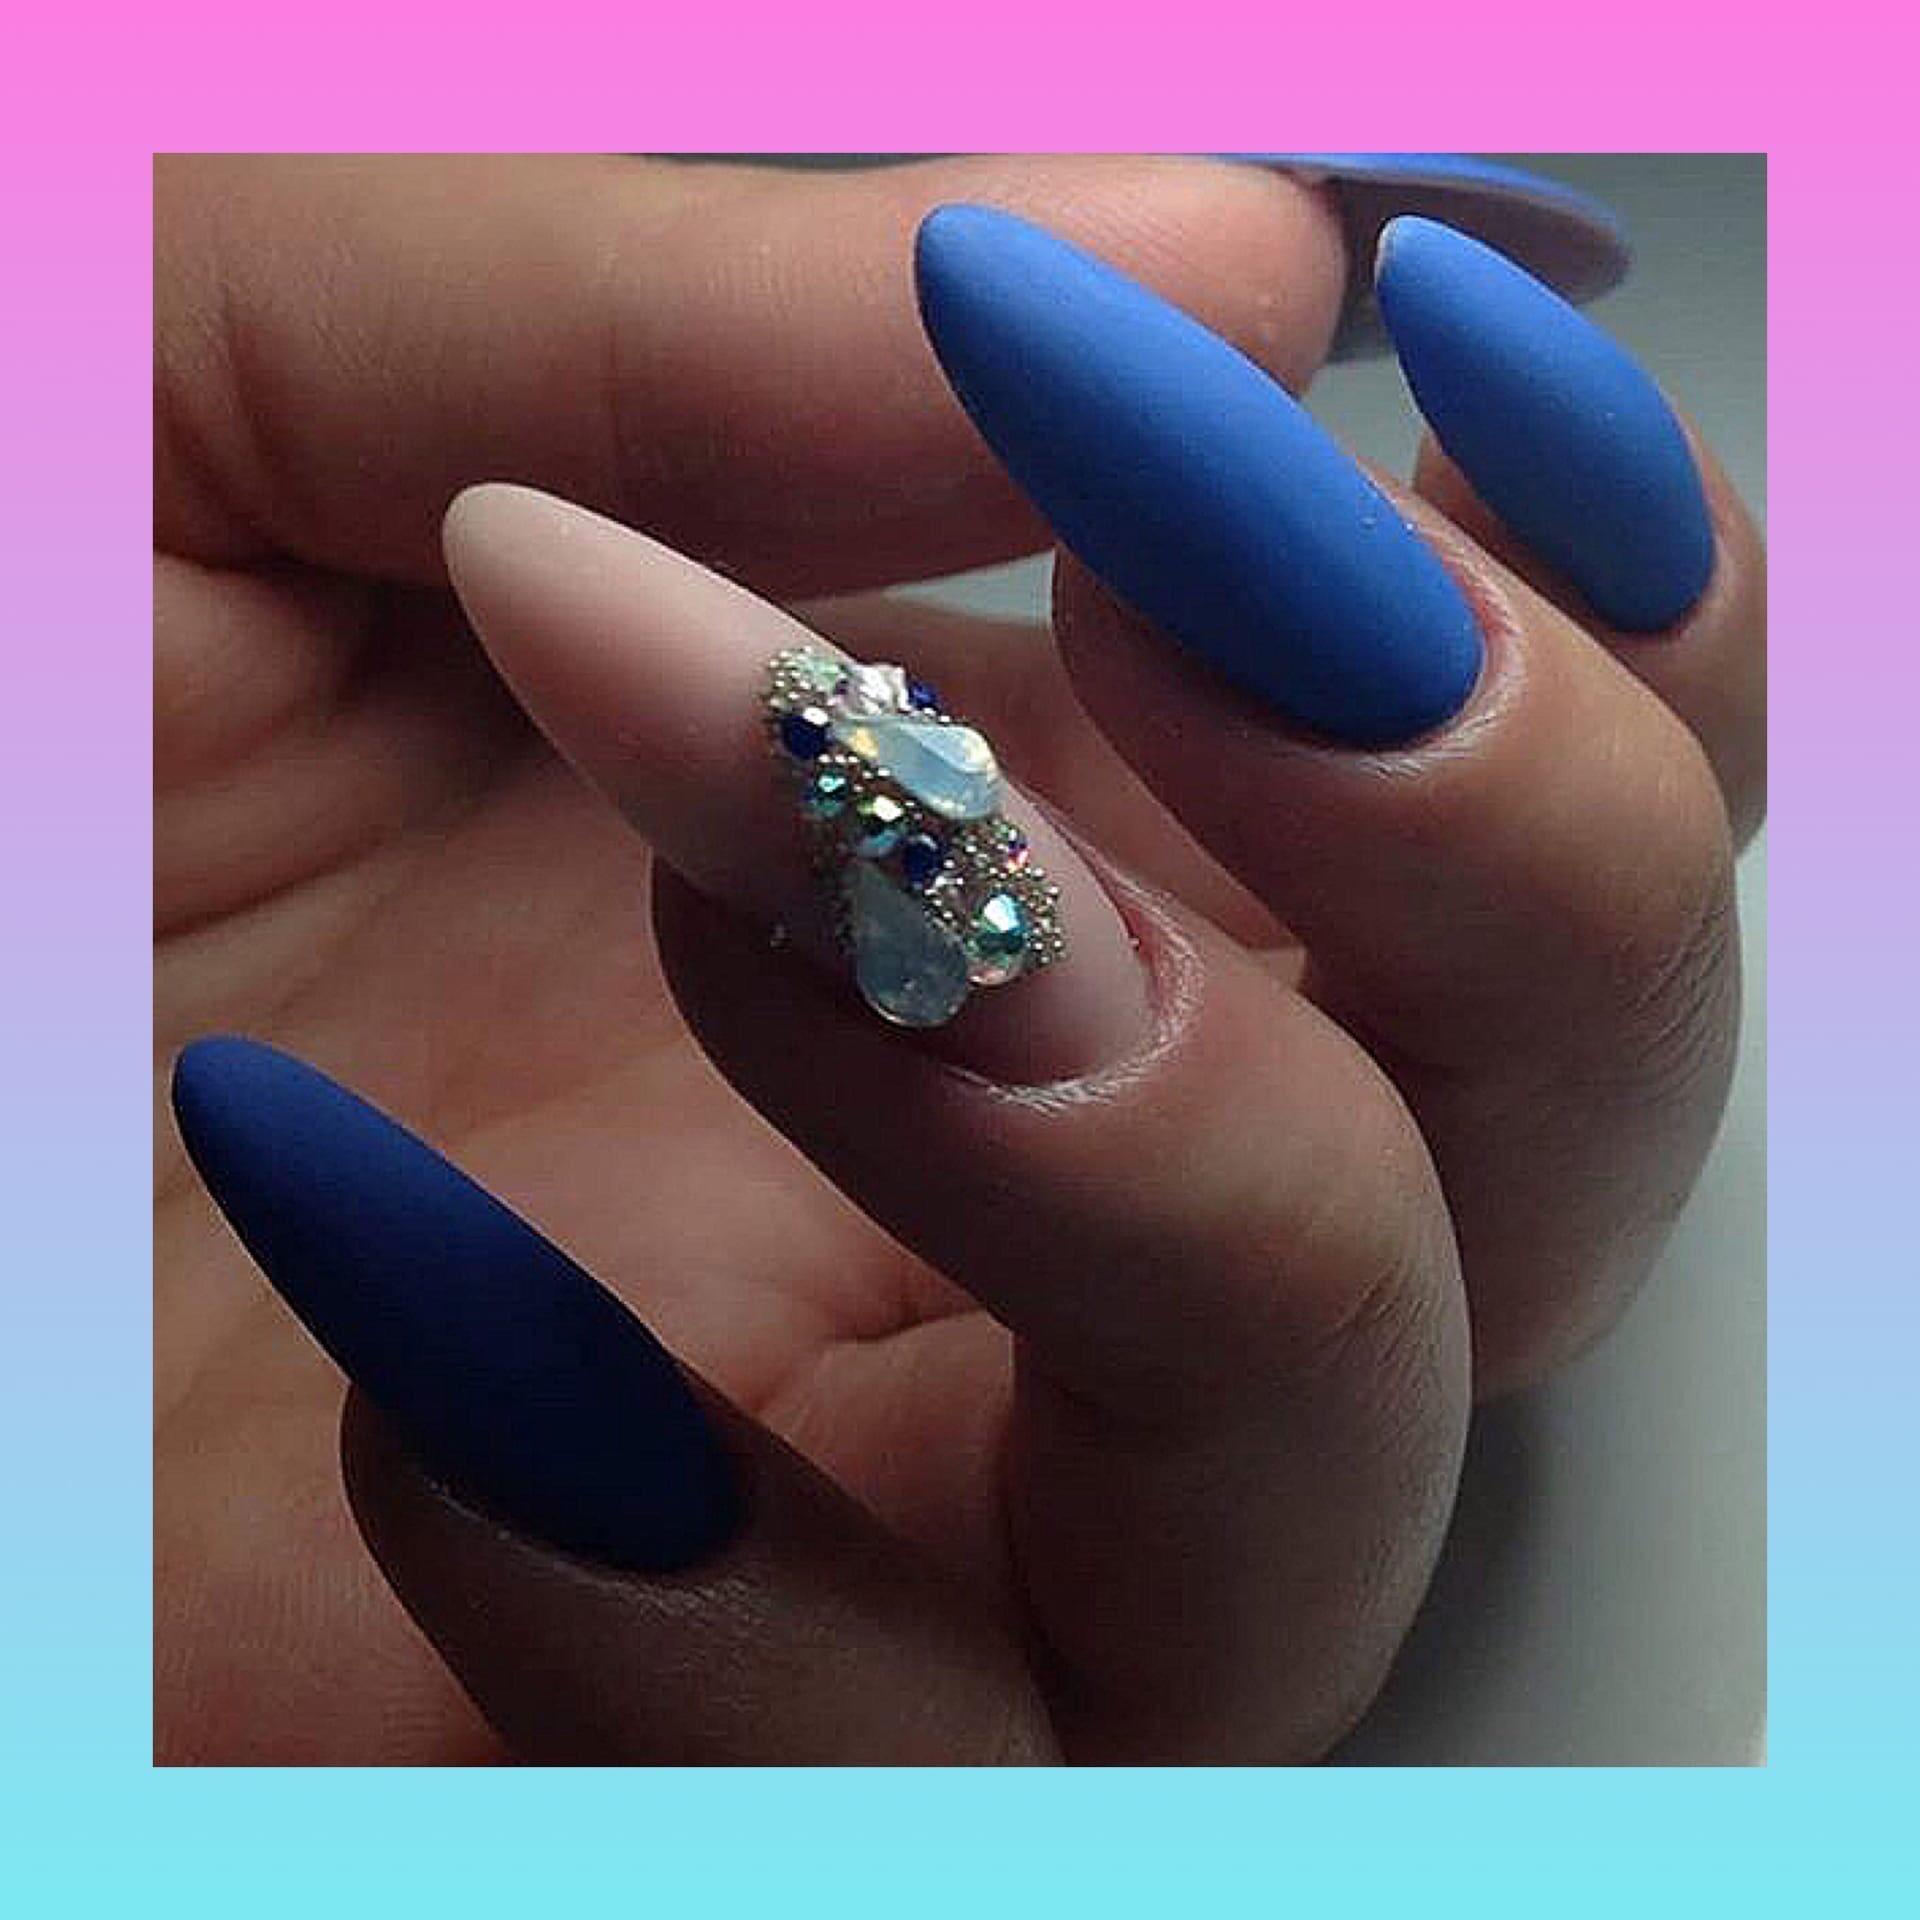 Матовый маникюр со стразами в голубом цвете.